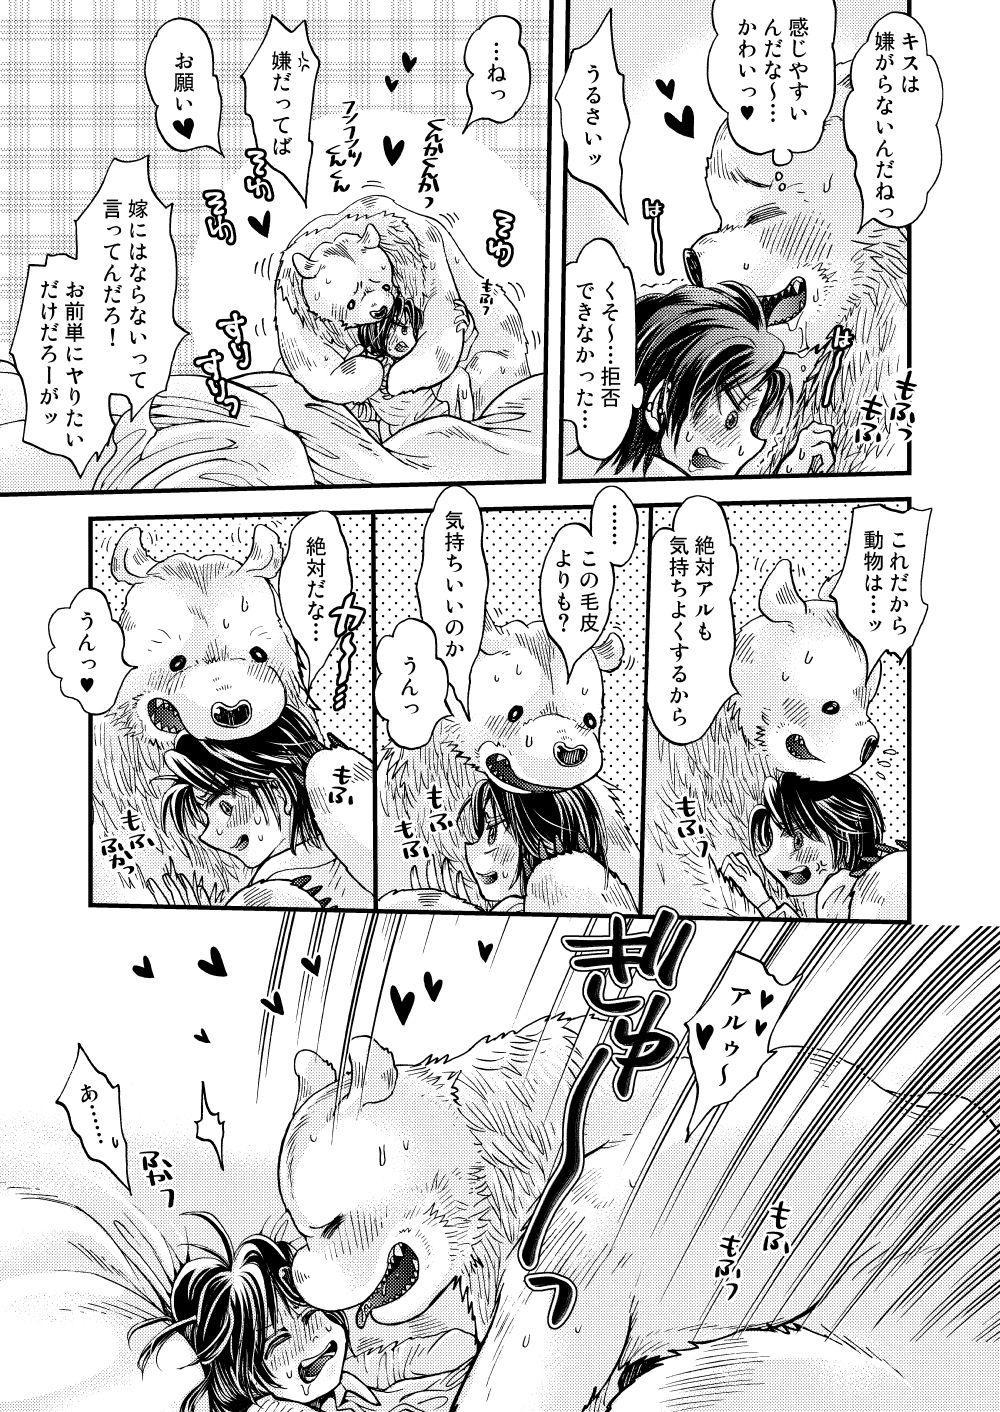 Mori no Kuma-san ni Aisare Sugite Mofu Mofu 34